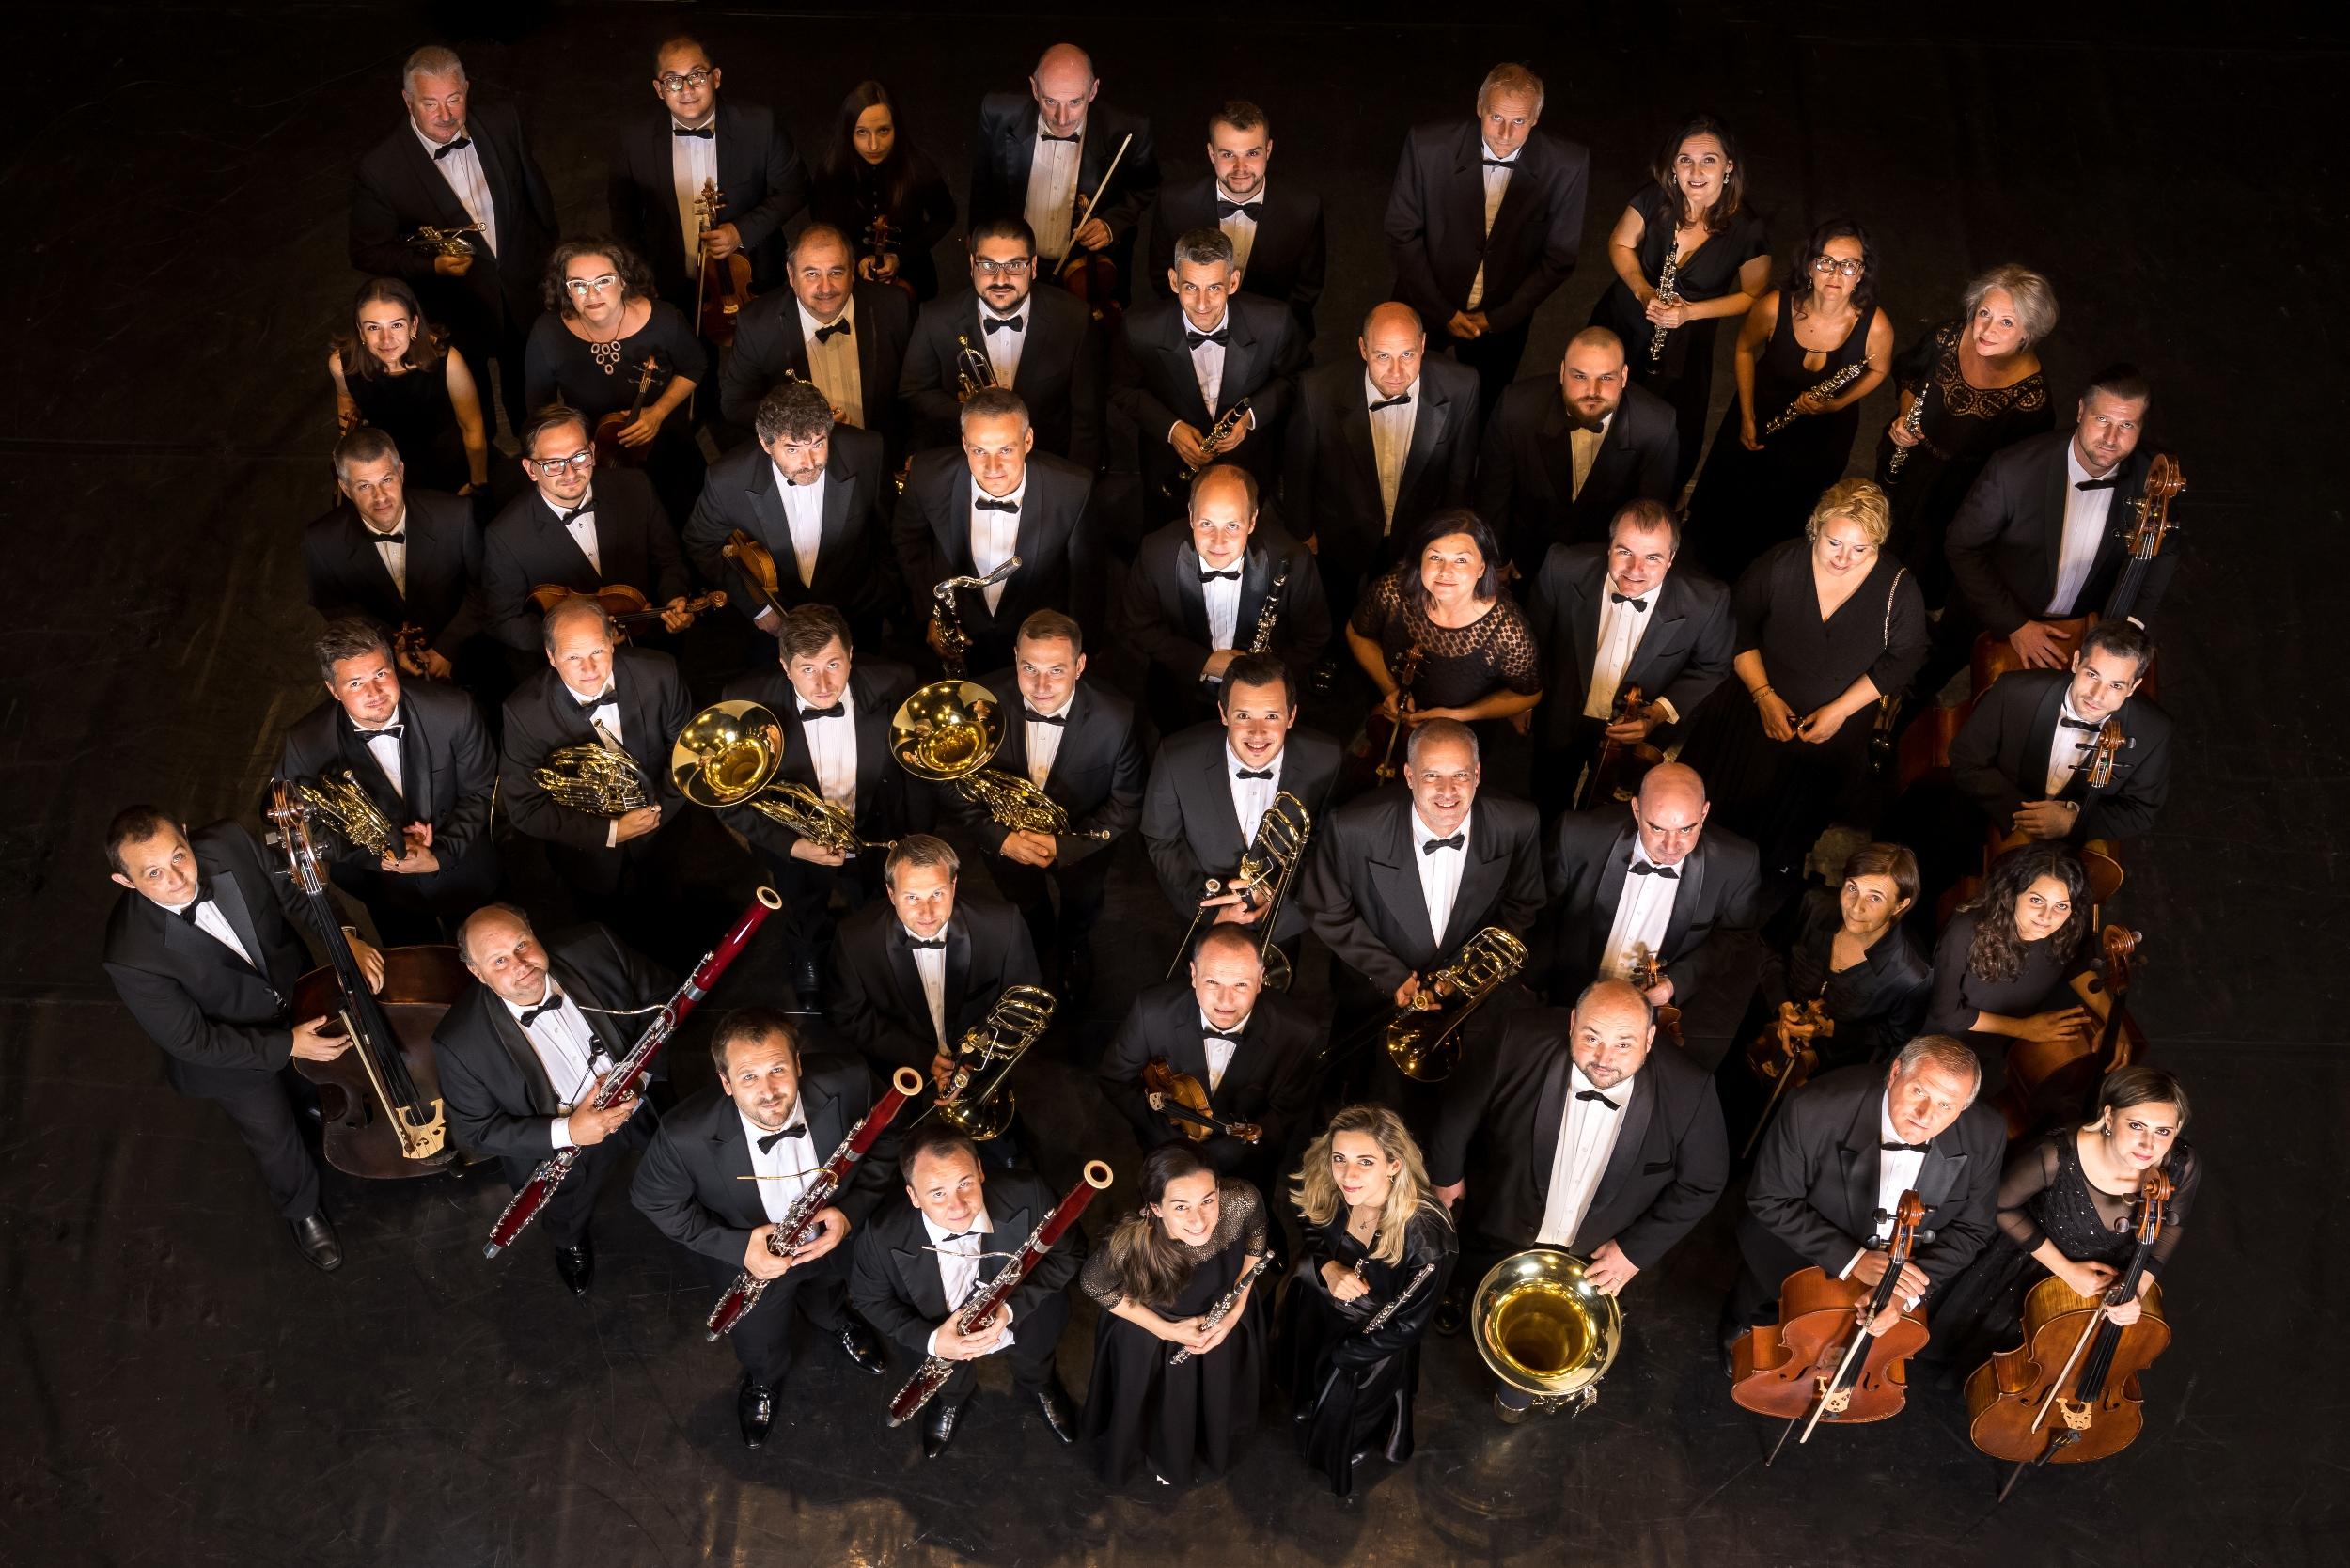 Orchester Opery ŠDKE